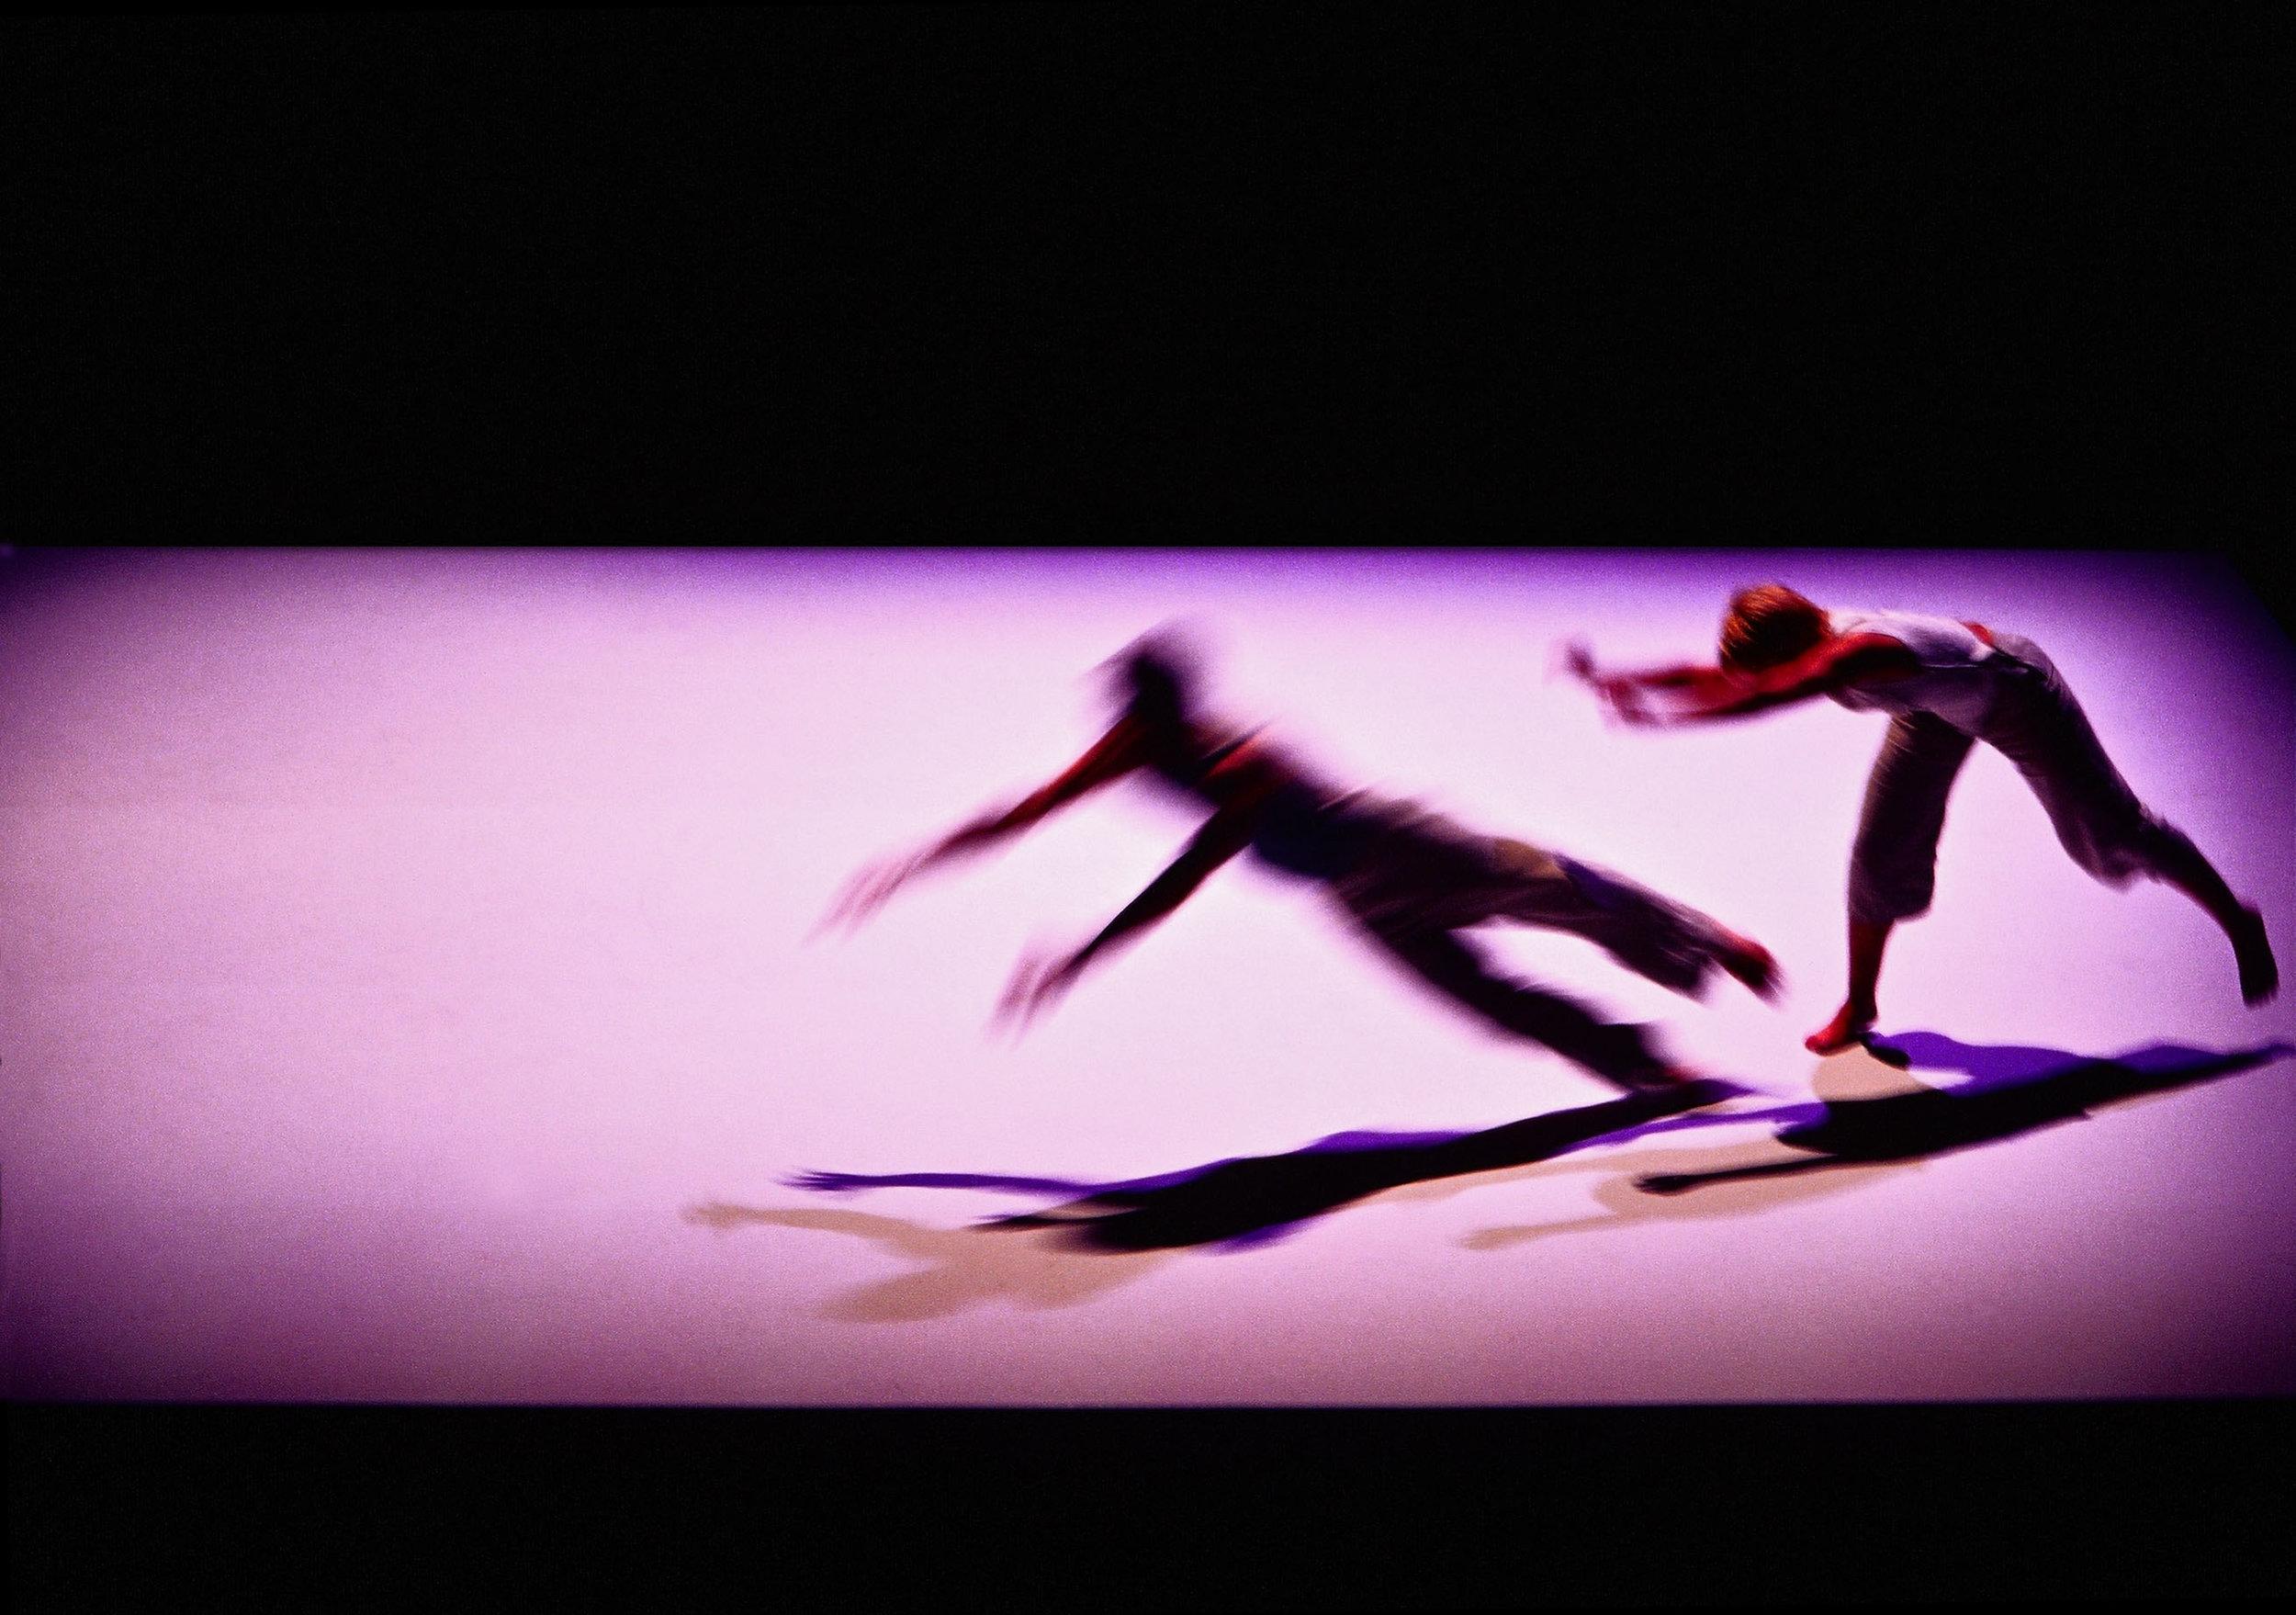 shadowgraph 3.jpg